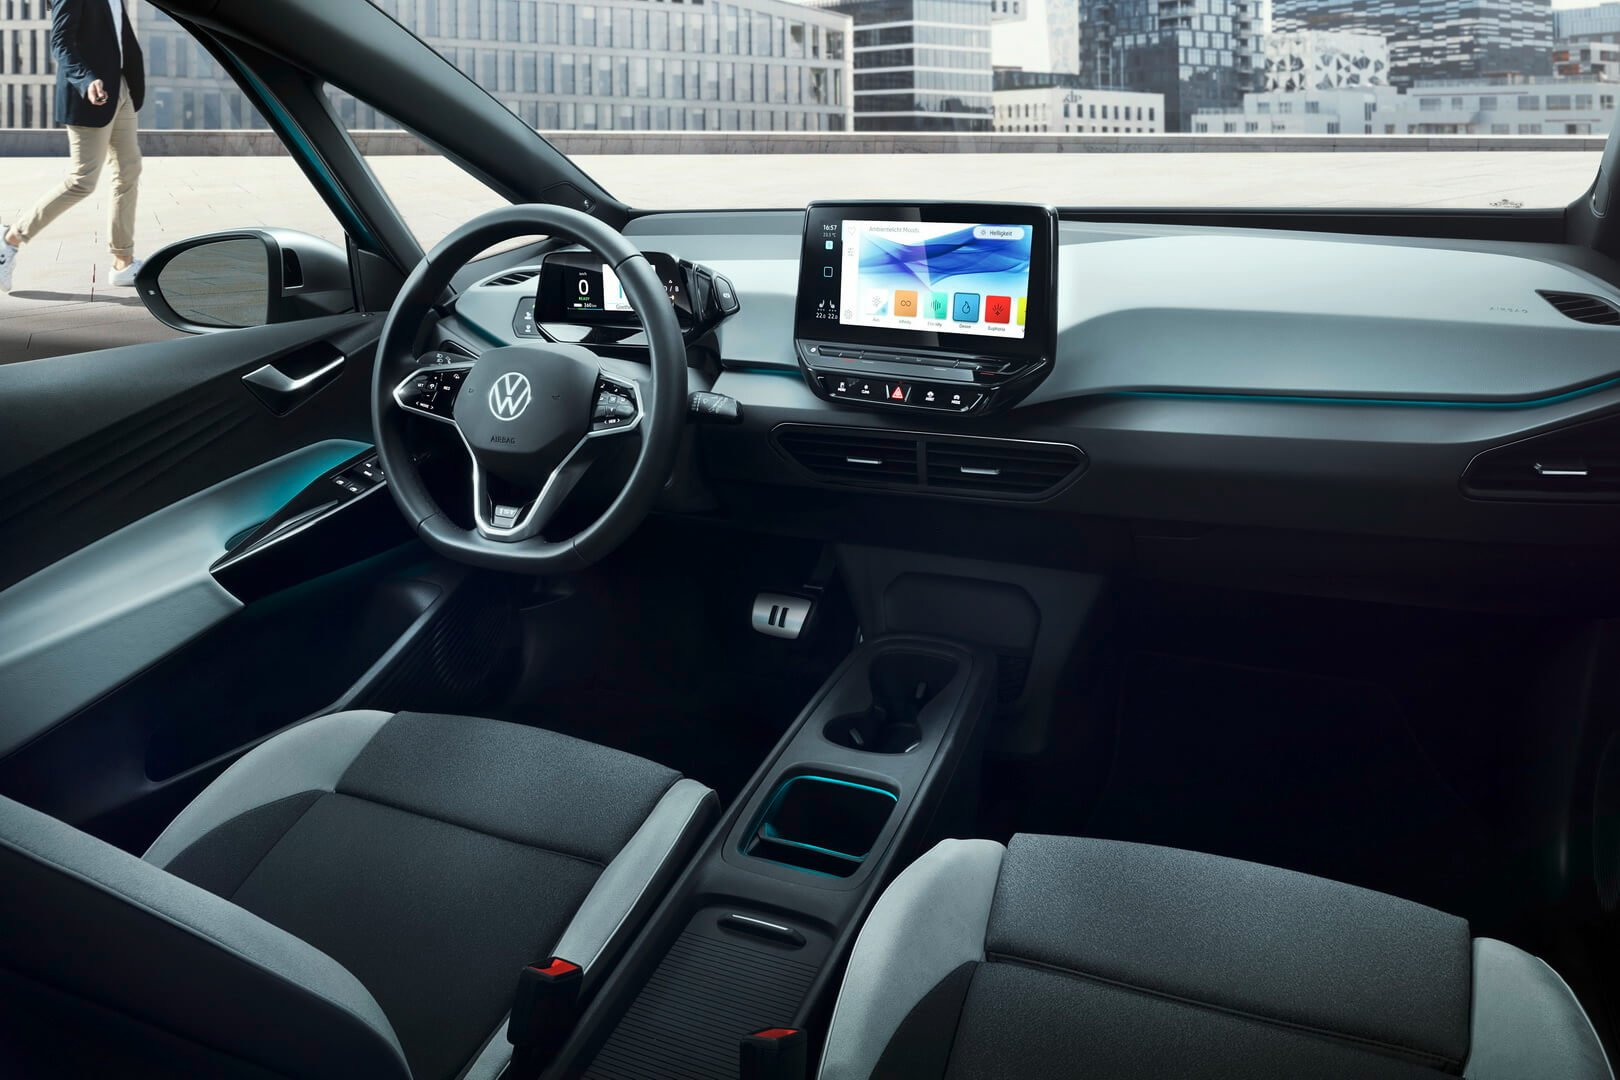 Продажи Volkswagen ID.3 начнутся летом нынешнего года